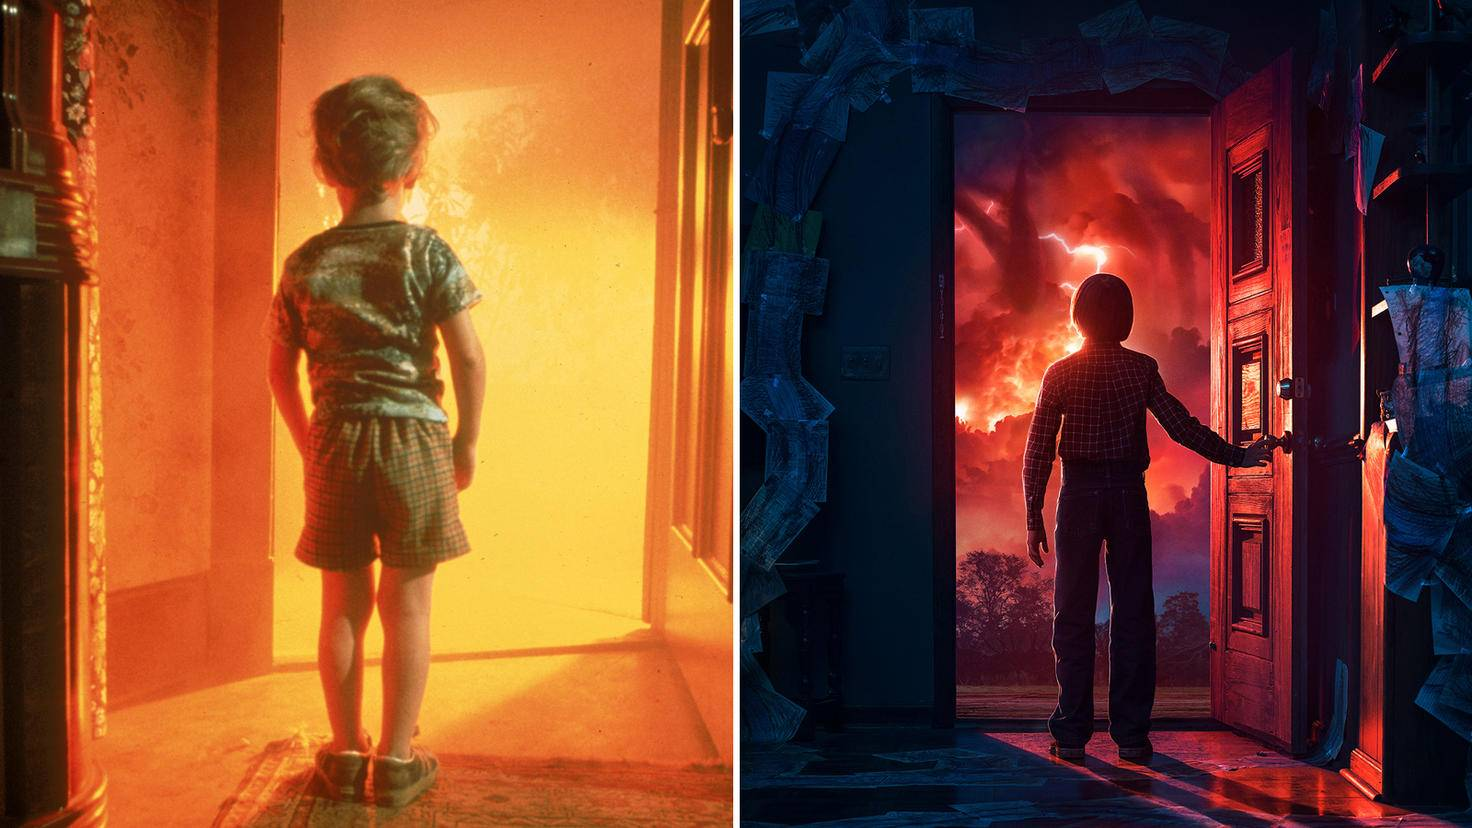 """""""Unheimliche Begegnung der dritten Art"""" vs. """"Stranger Things"""": Die Ähnlichkeit der Szenen ist verblüffend."""